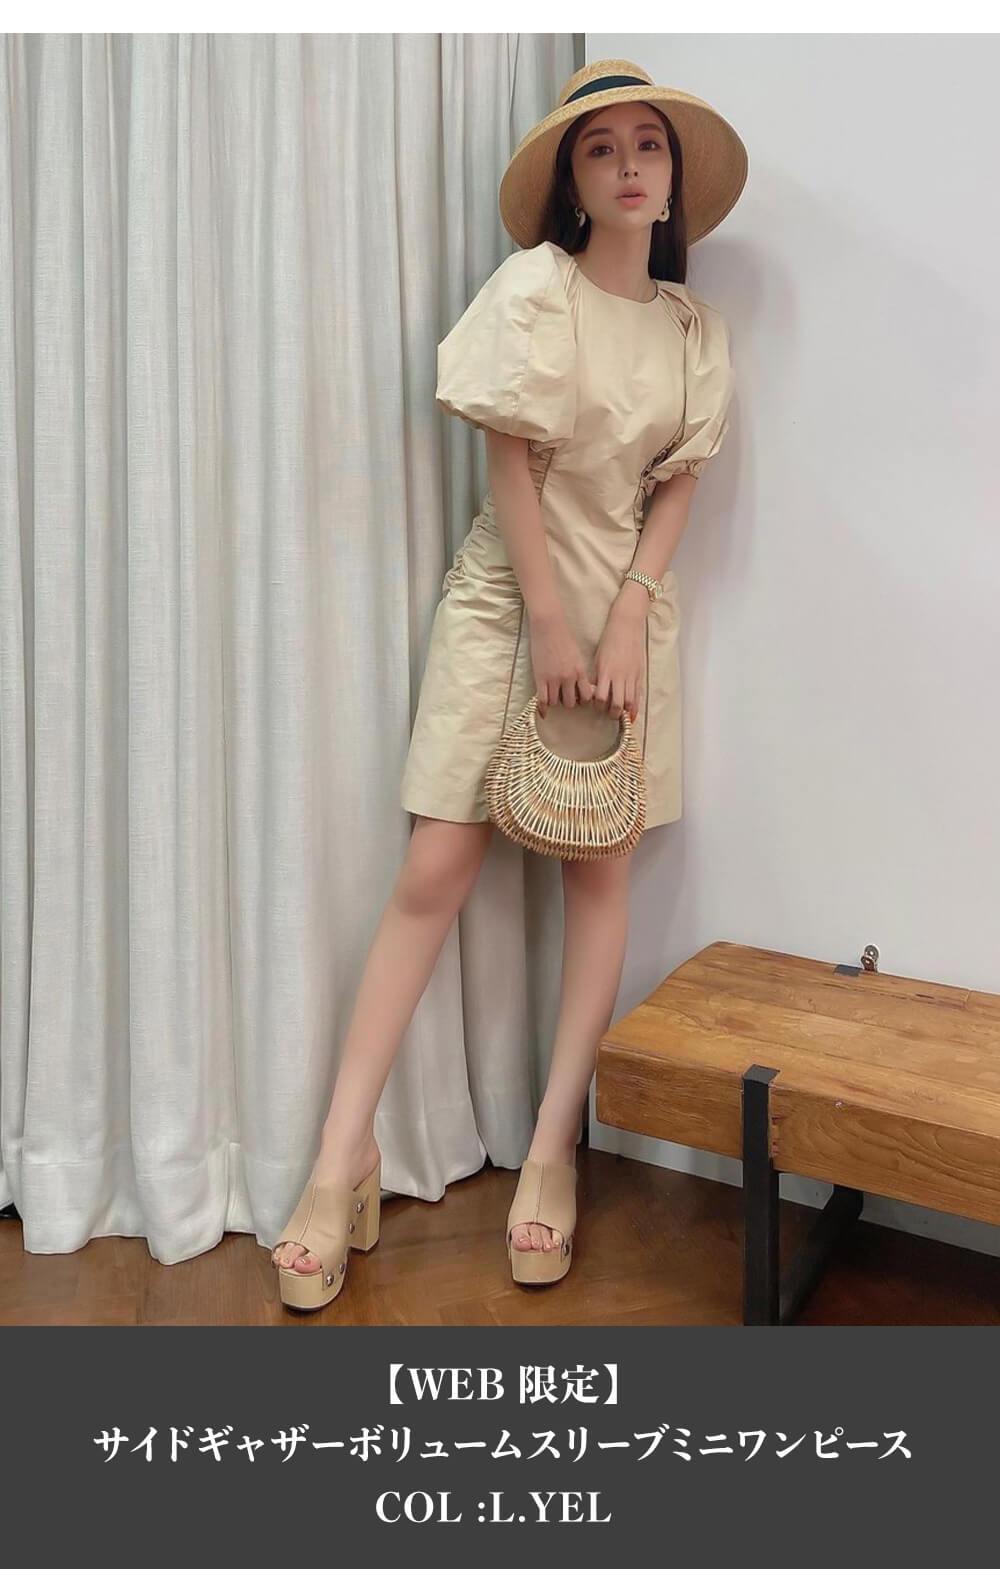 エイミーイストワール210625企画のMANAMIさん着用アイテム